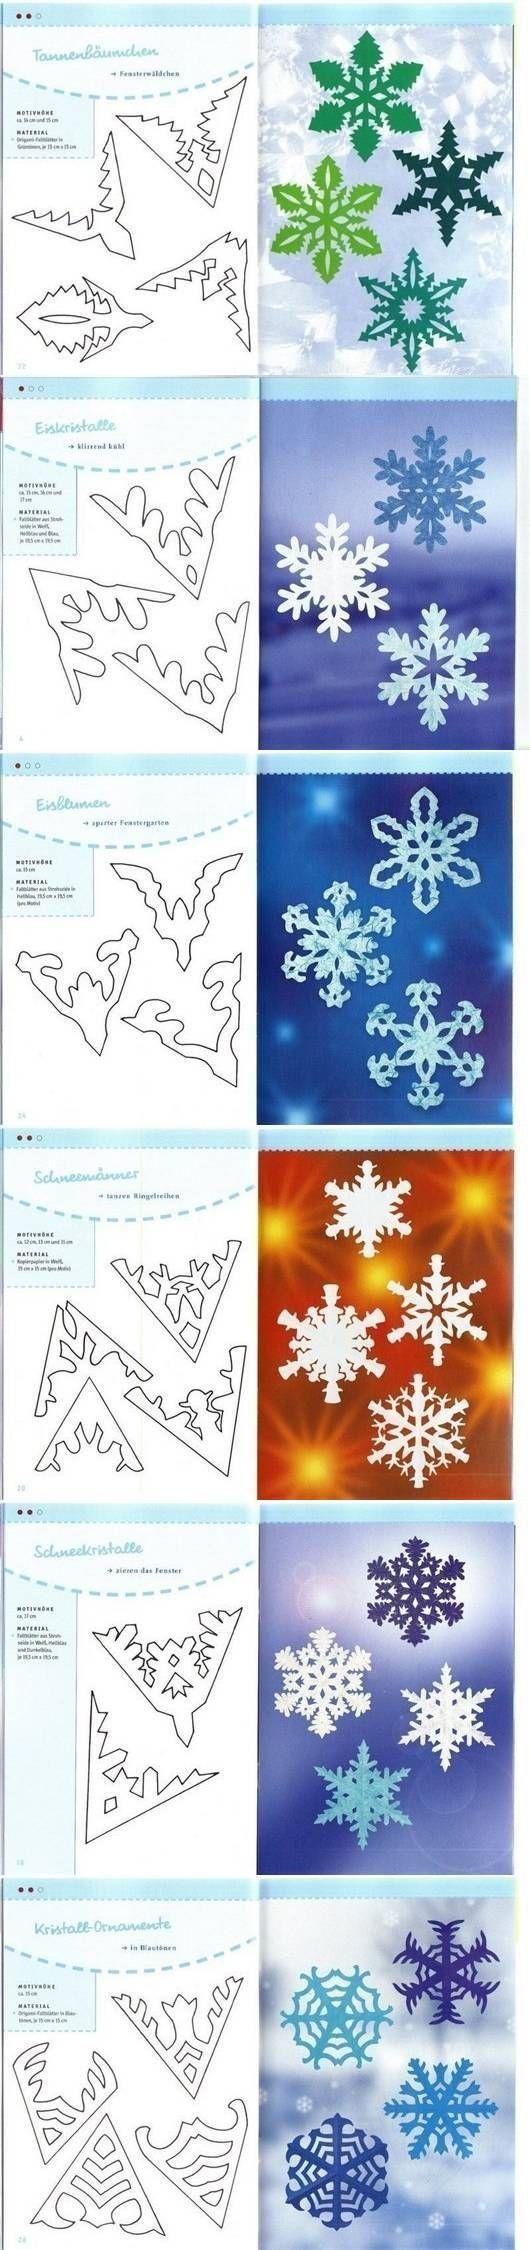 Как сделать снежинки маленькие из бумаги своими руками